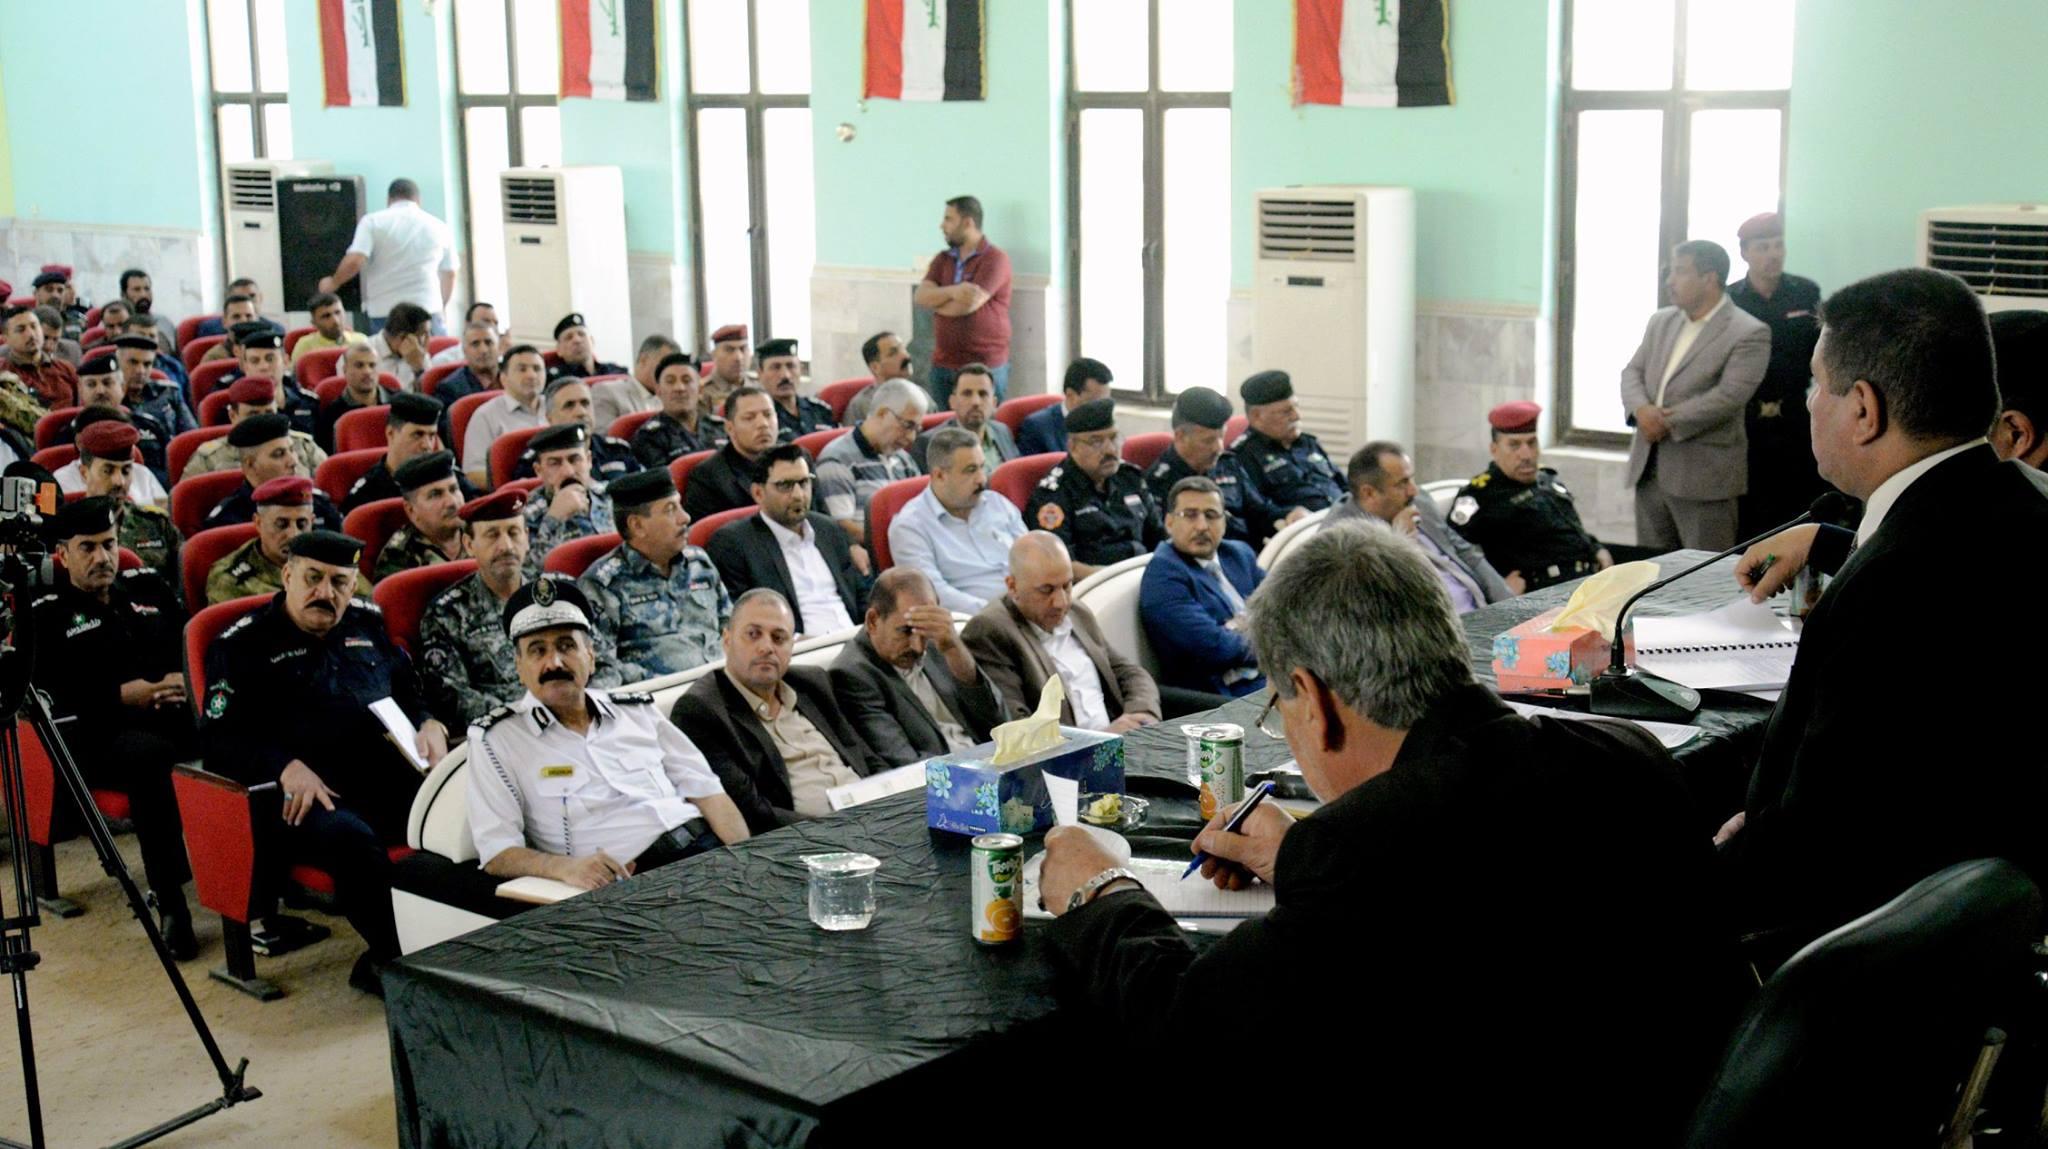 محافظ المثنى يعلن عن وضع خطة أمنية وخدمية لأحياء الشعائر الحسينية ويدعو المواطنين للتعاون مع الأجهزة الأمنية والخدمية لانجاح الخطة